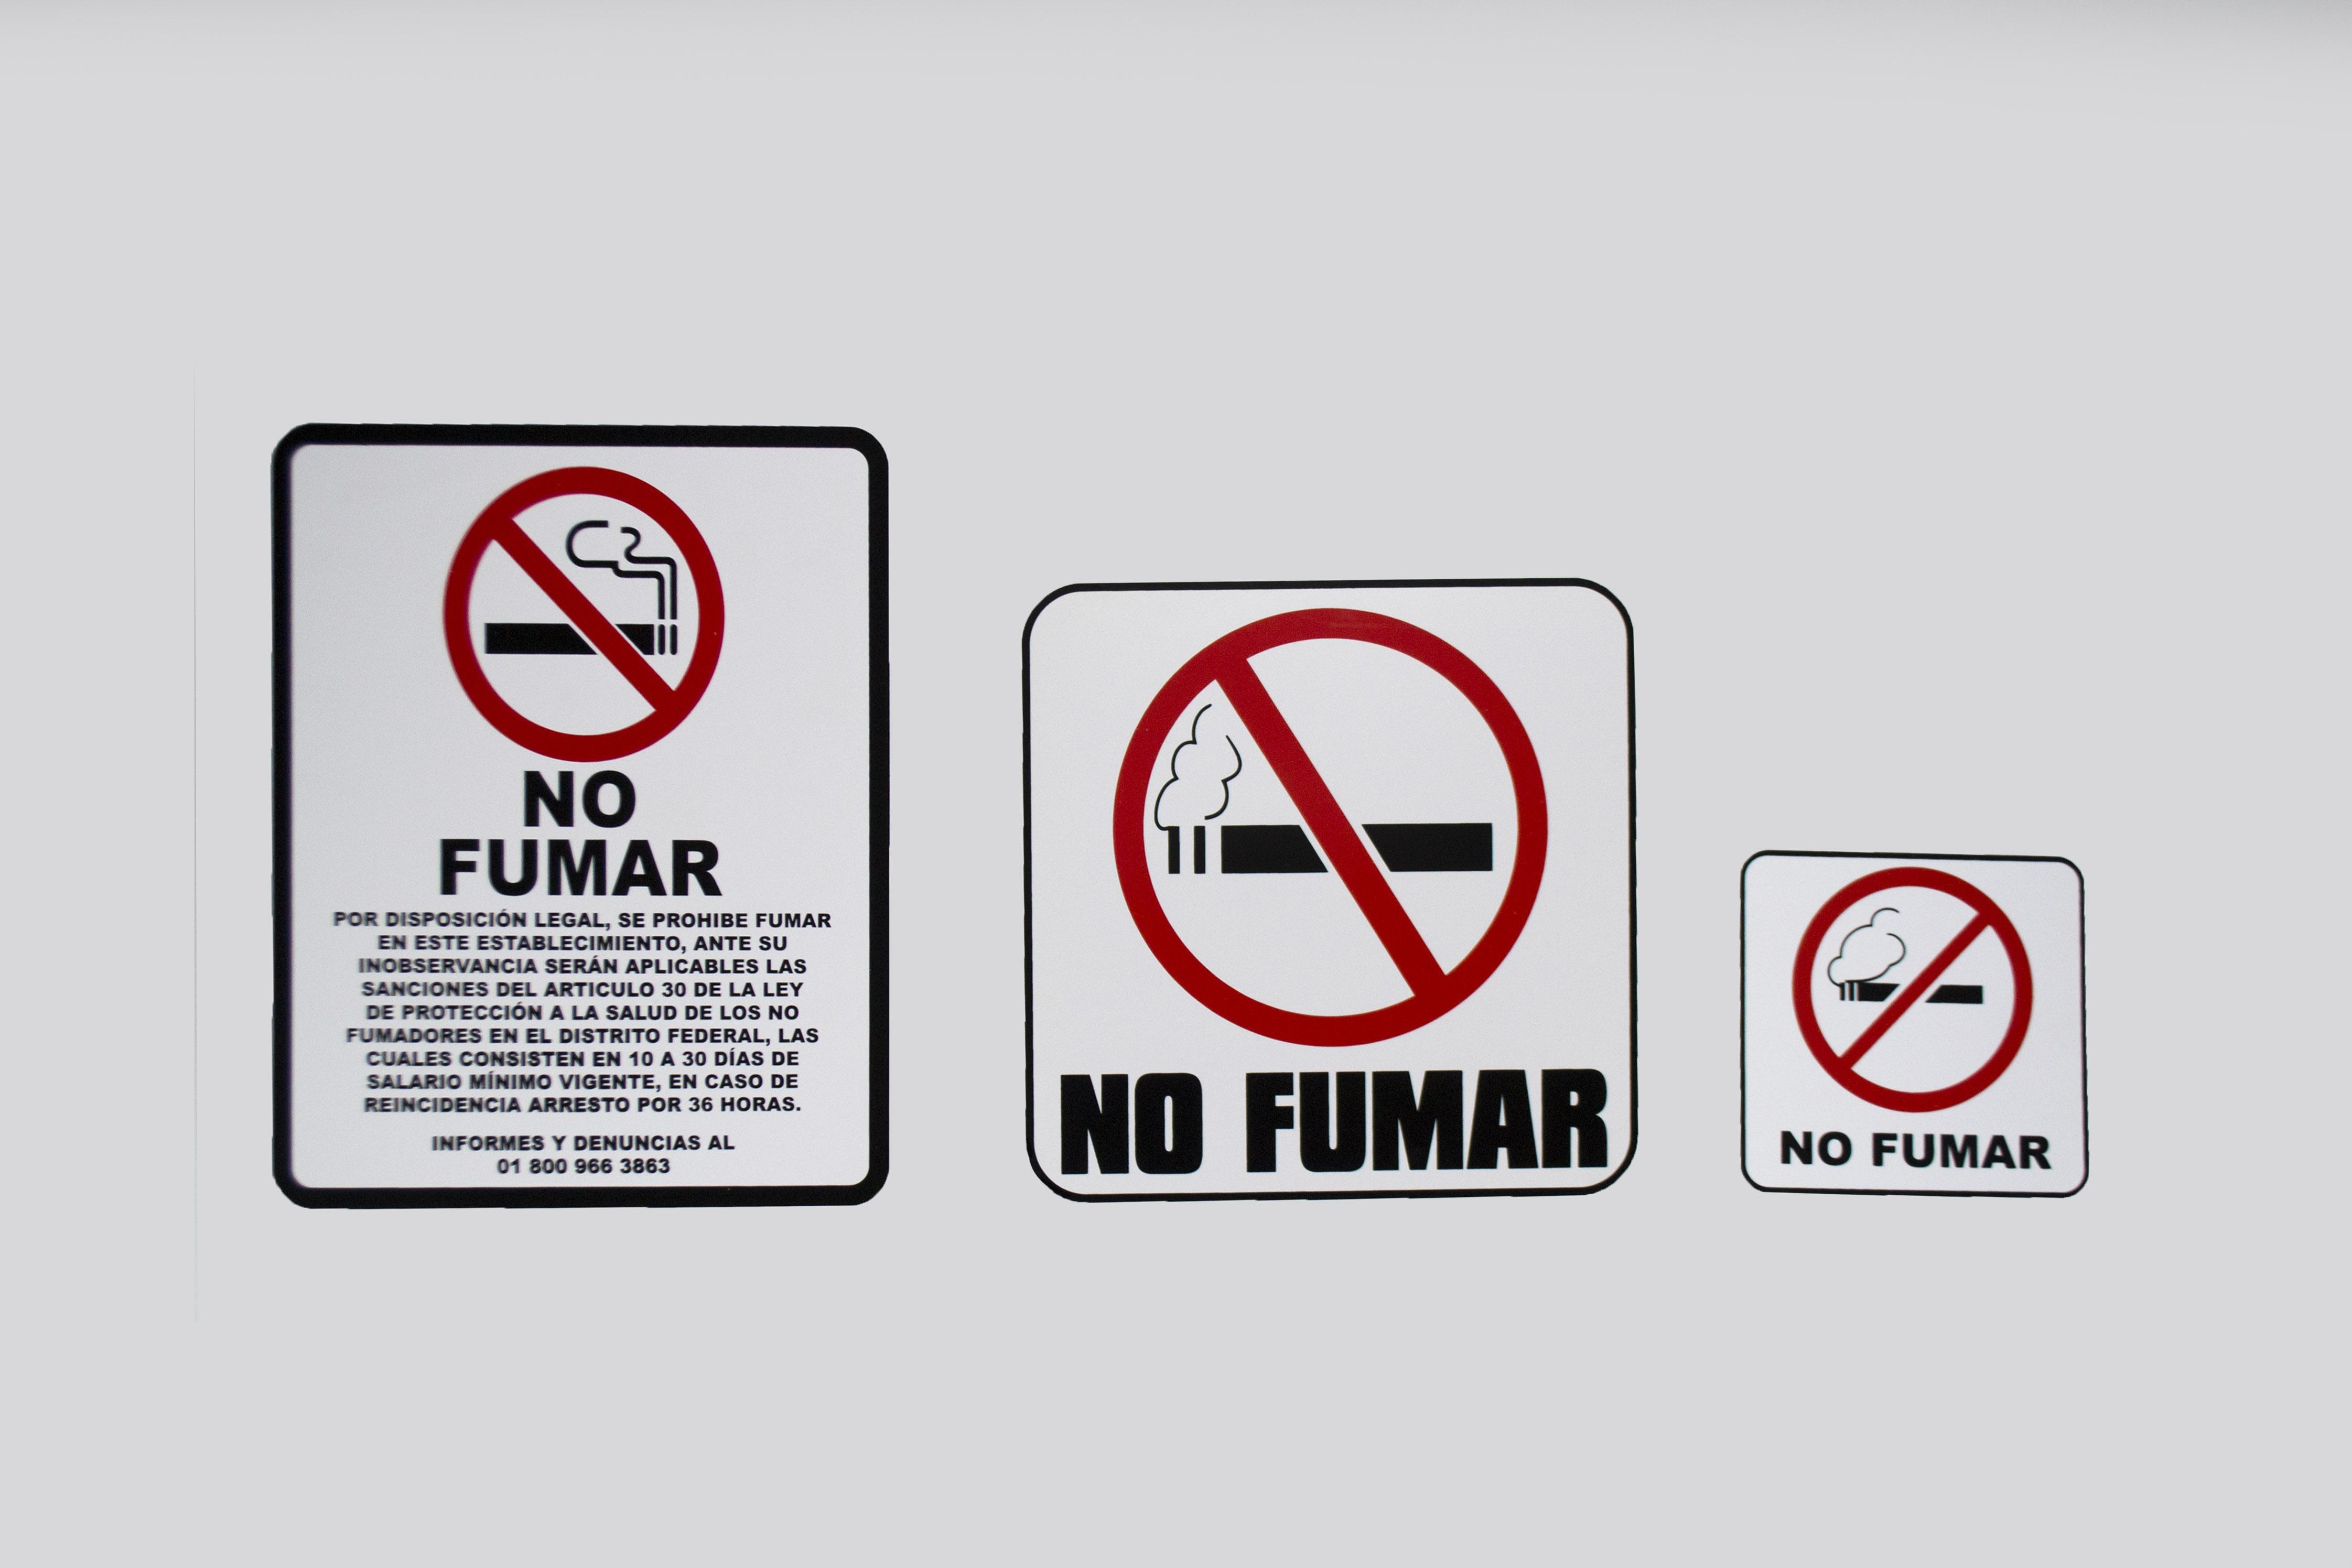 Señalamientos_no fumar